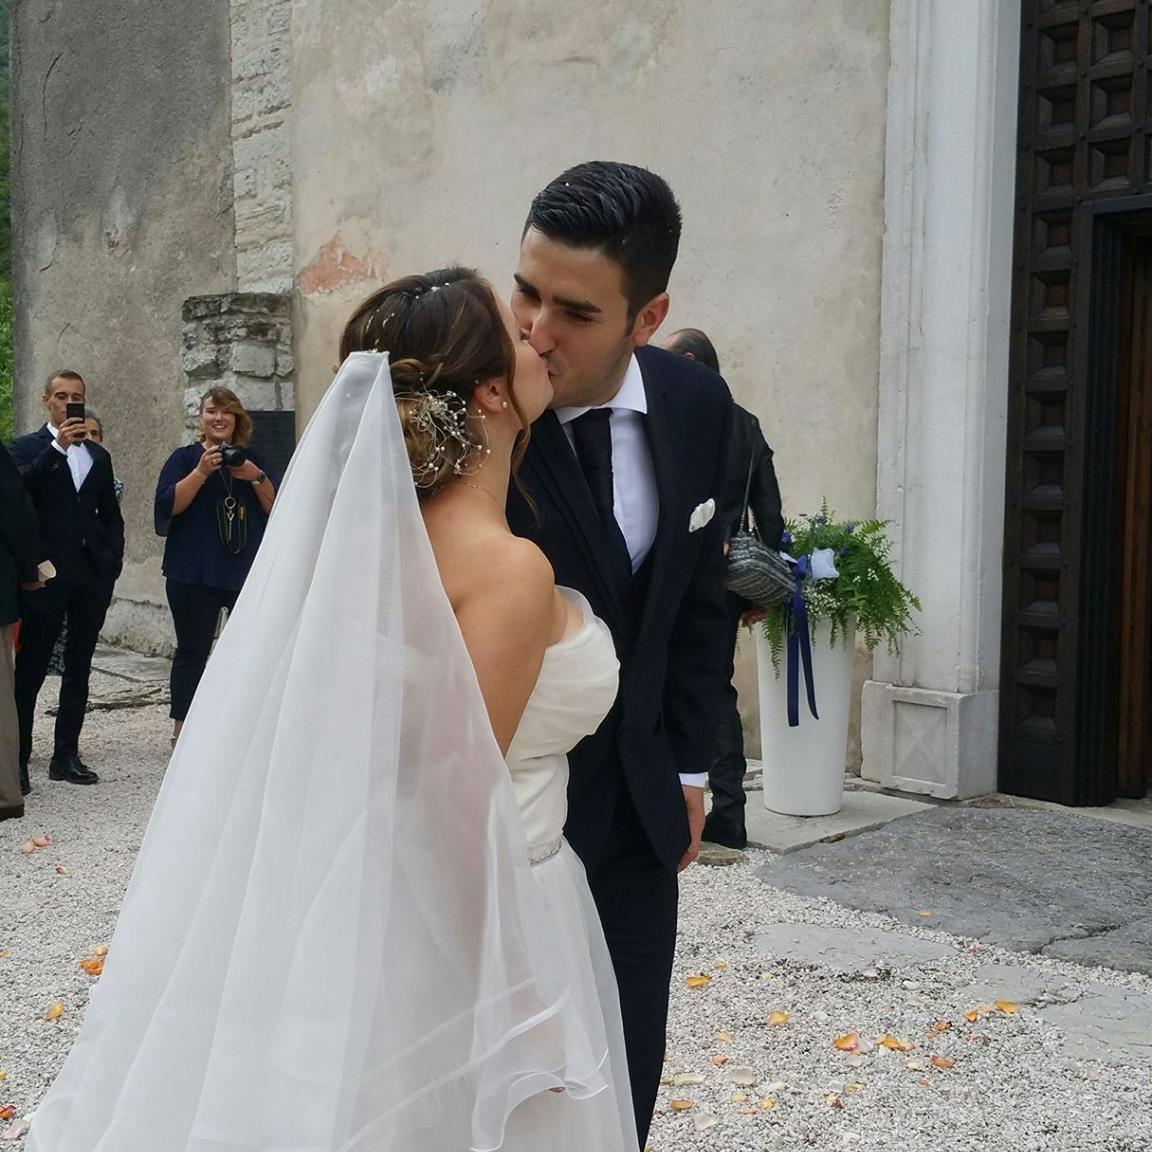 3a9677512dca Io e il mio compagno abbiamo scelto il nostro vestito per il matrimonio e  siamo super soddisfatti di esserci affidati a loro.